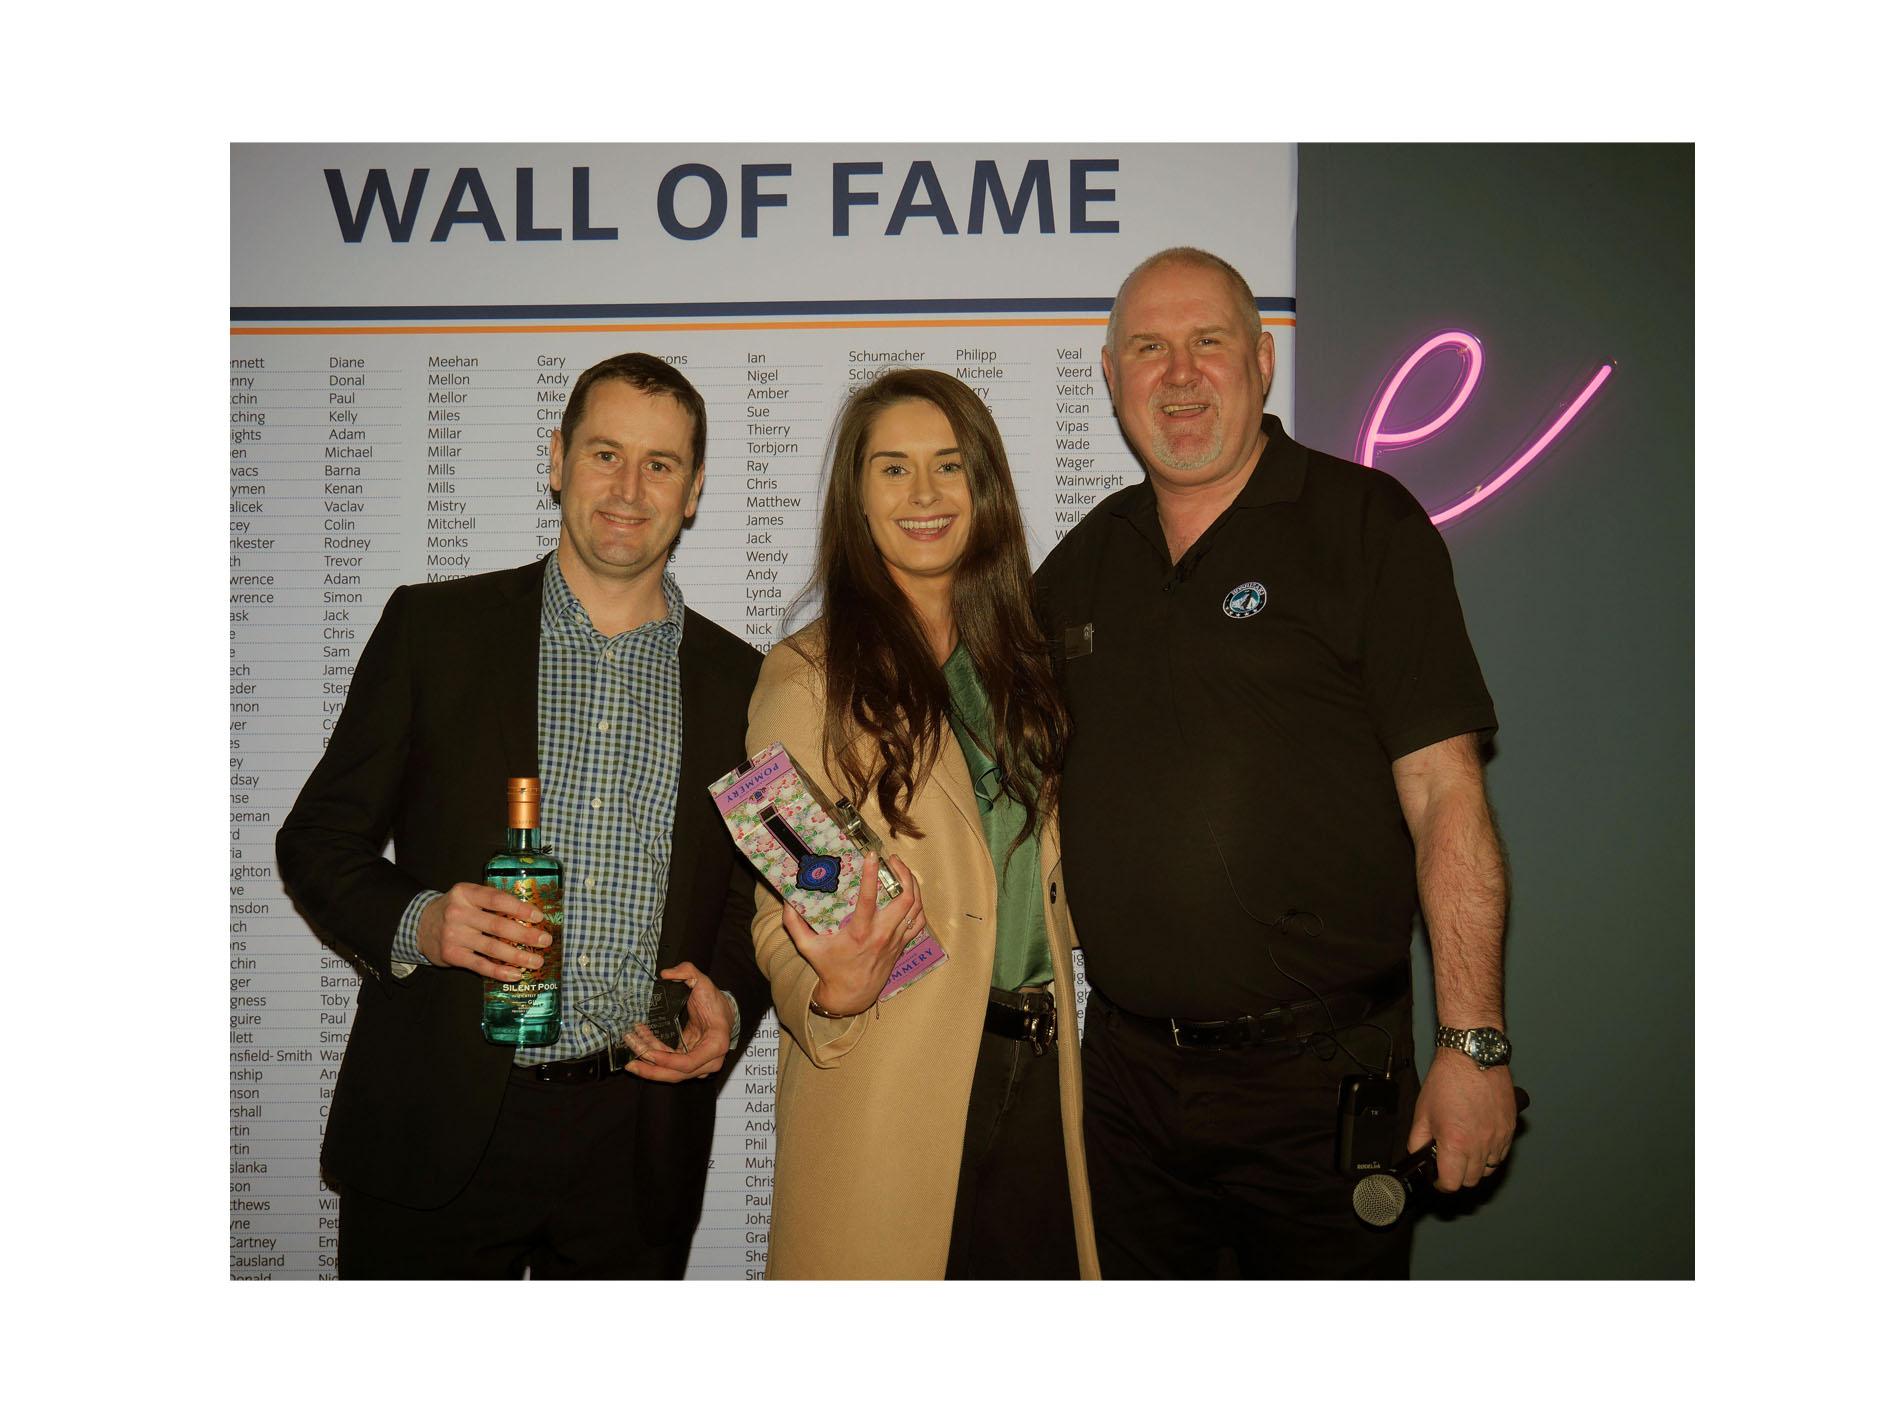 Dan Pratt, left, with Megan Nesbitt and Simon Frost